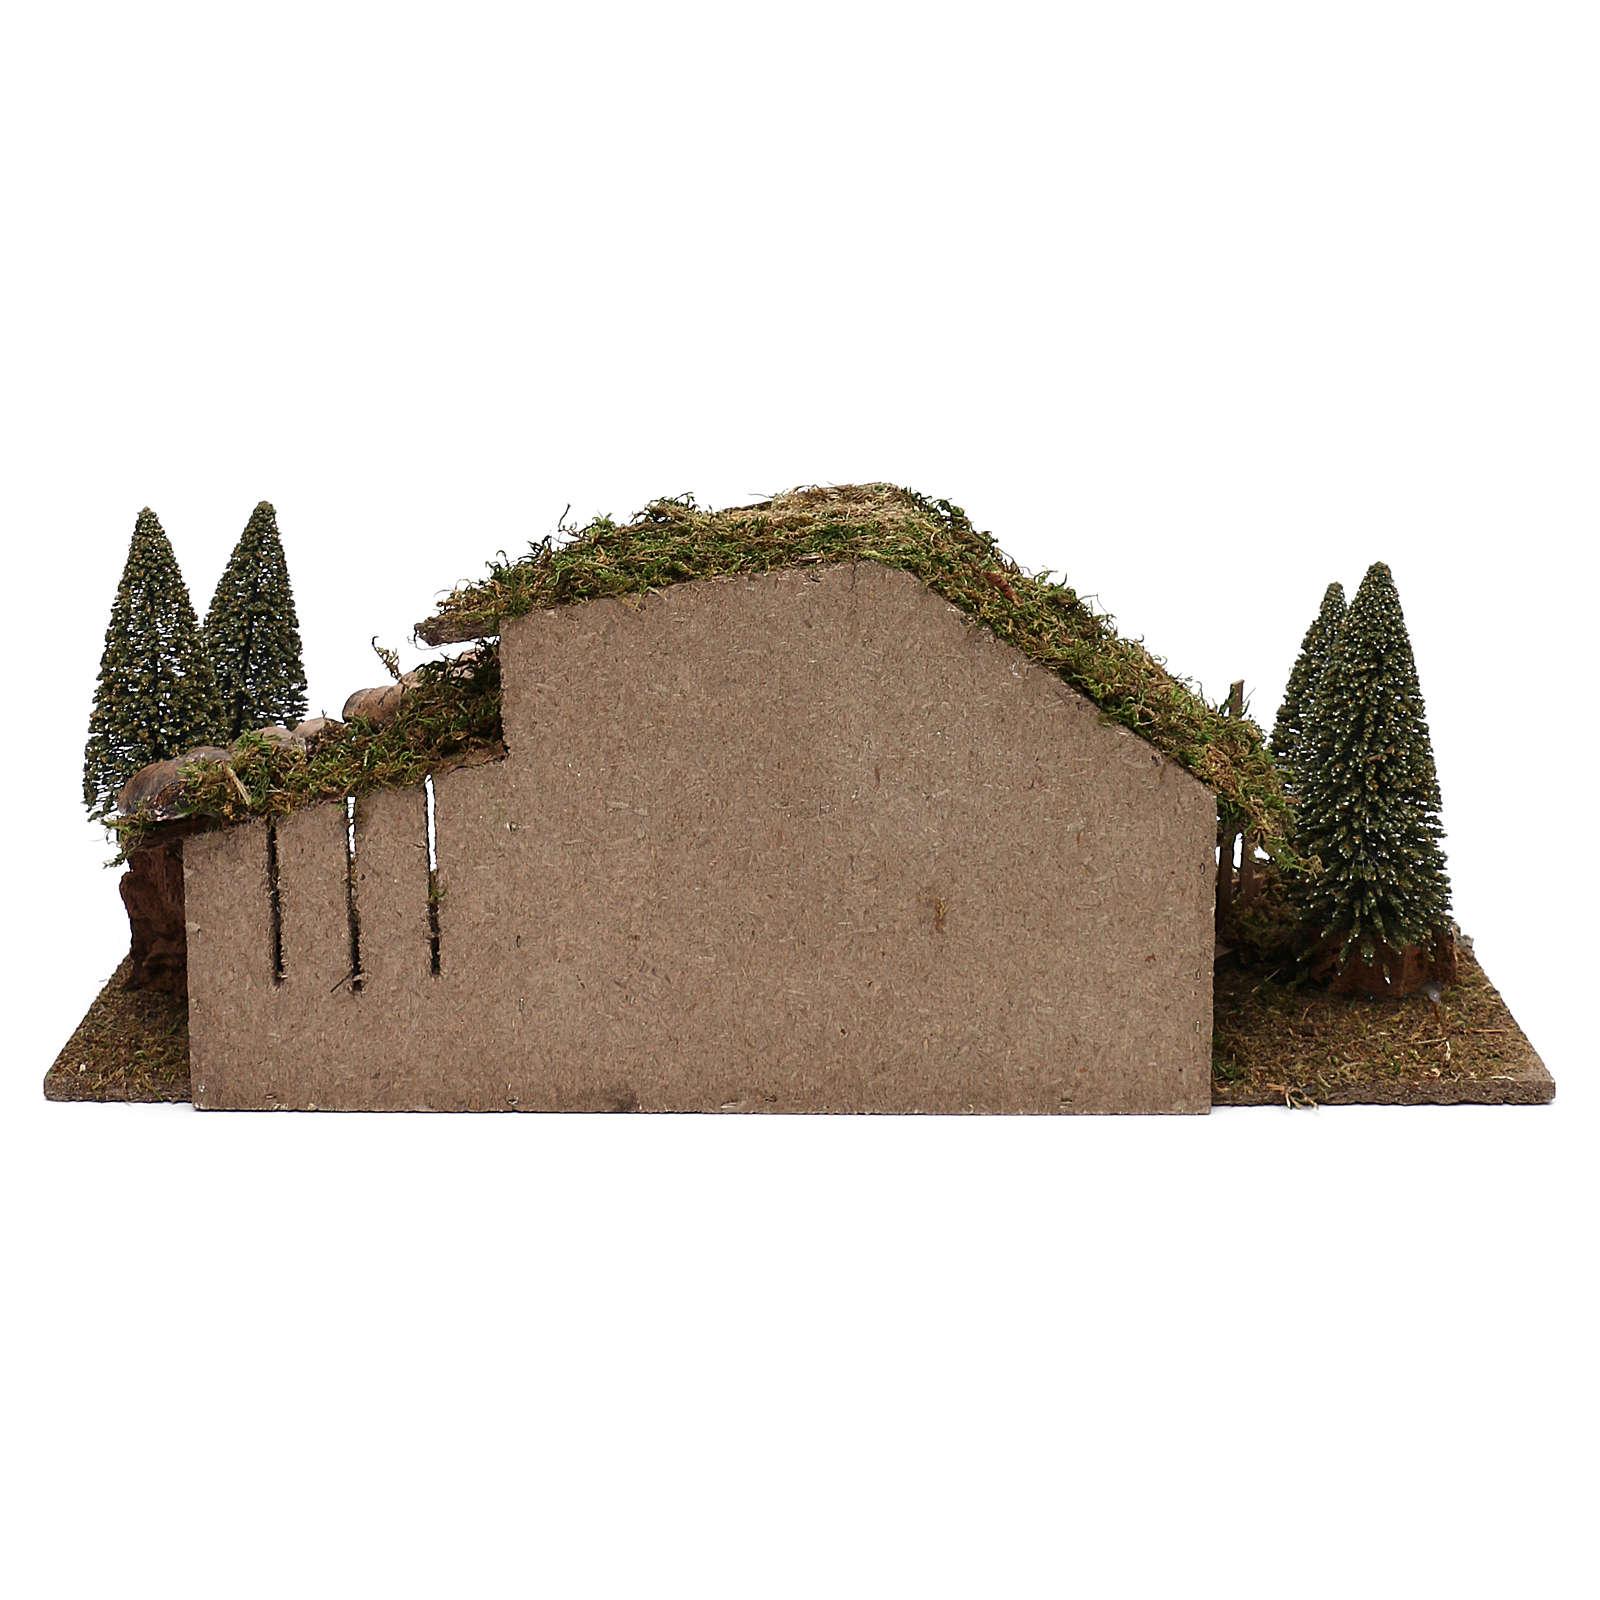 Cabaña de madera henil y pinos 20x60x25 cm 4